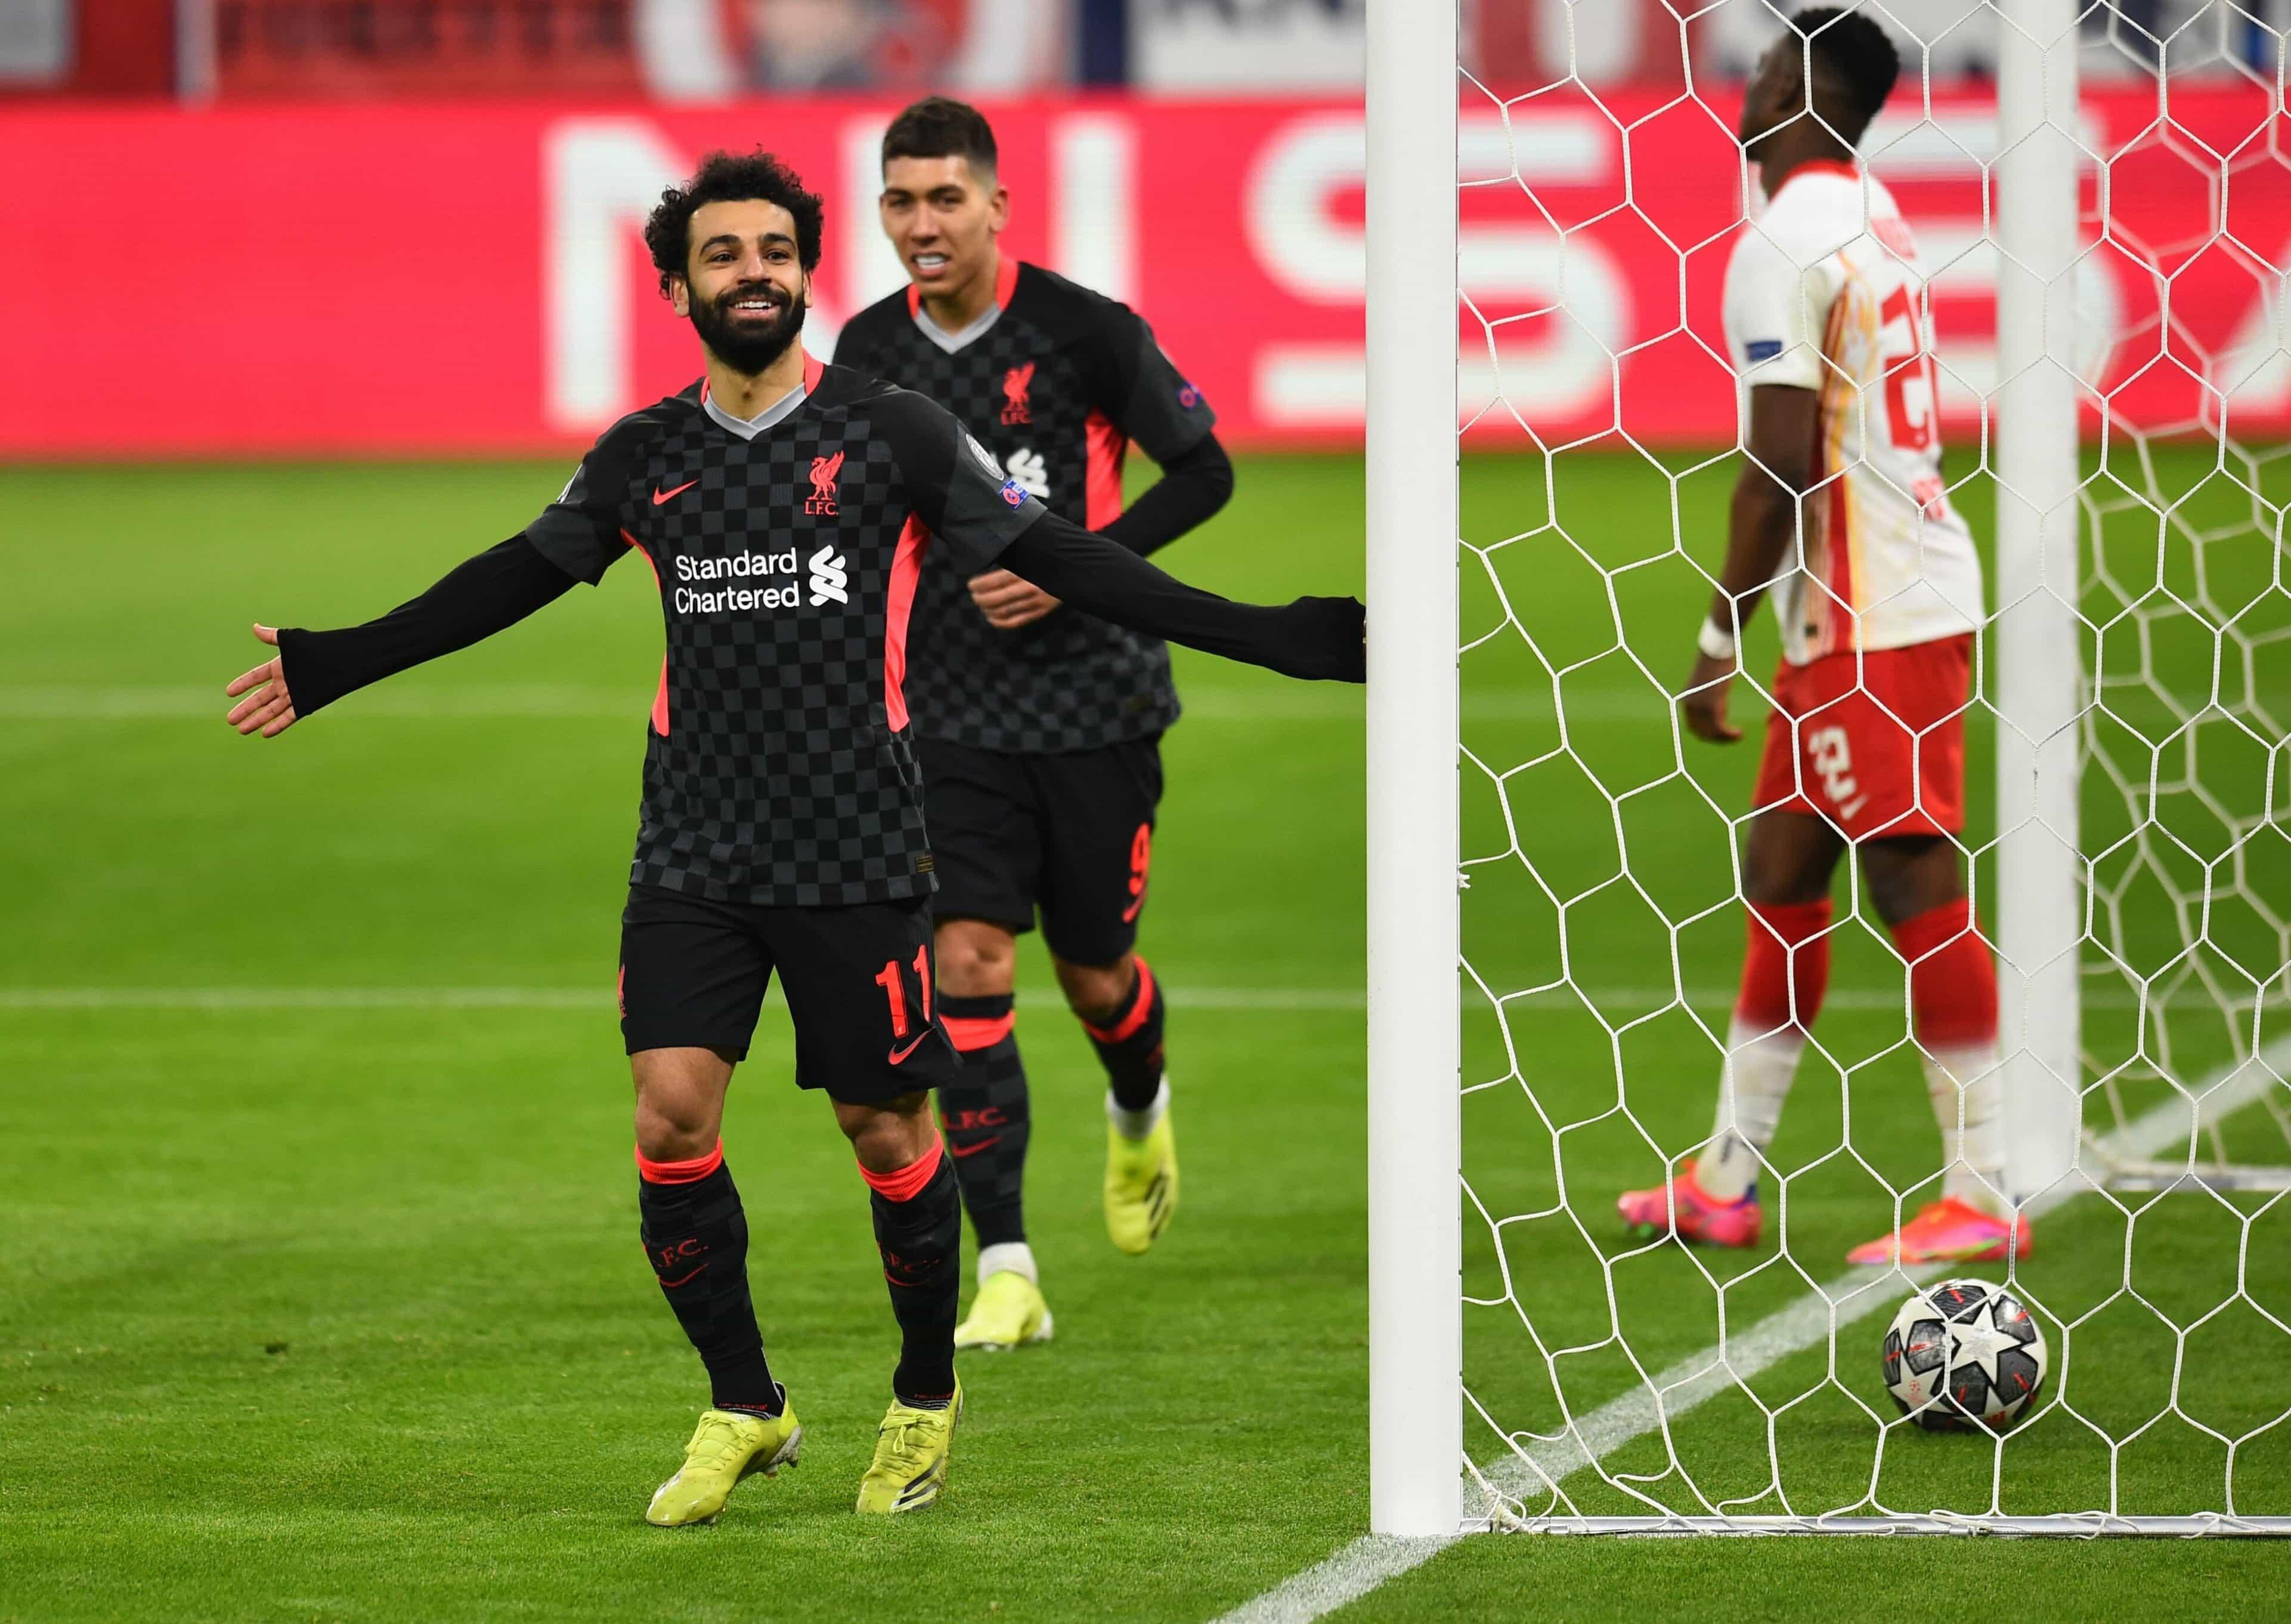 """فخر العرب """" محمد صلاح"""" يتوج بجائزة أفضل لاعب في الدوري الإنجليزي"""